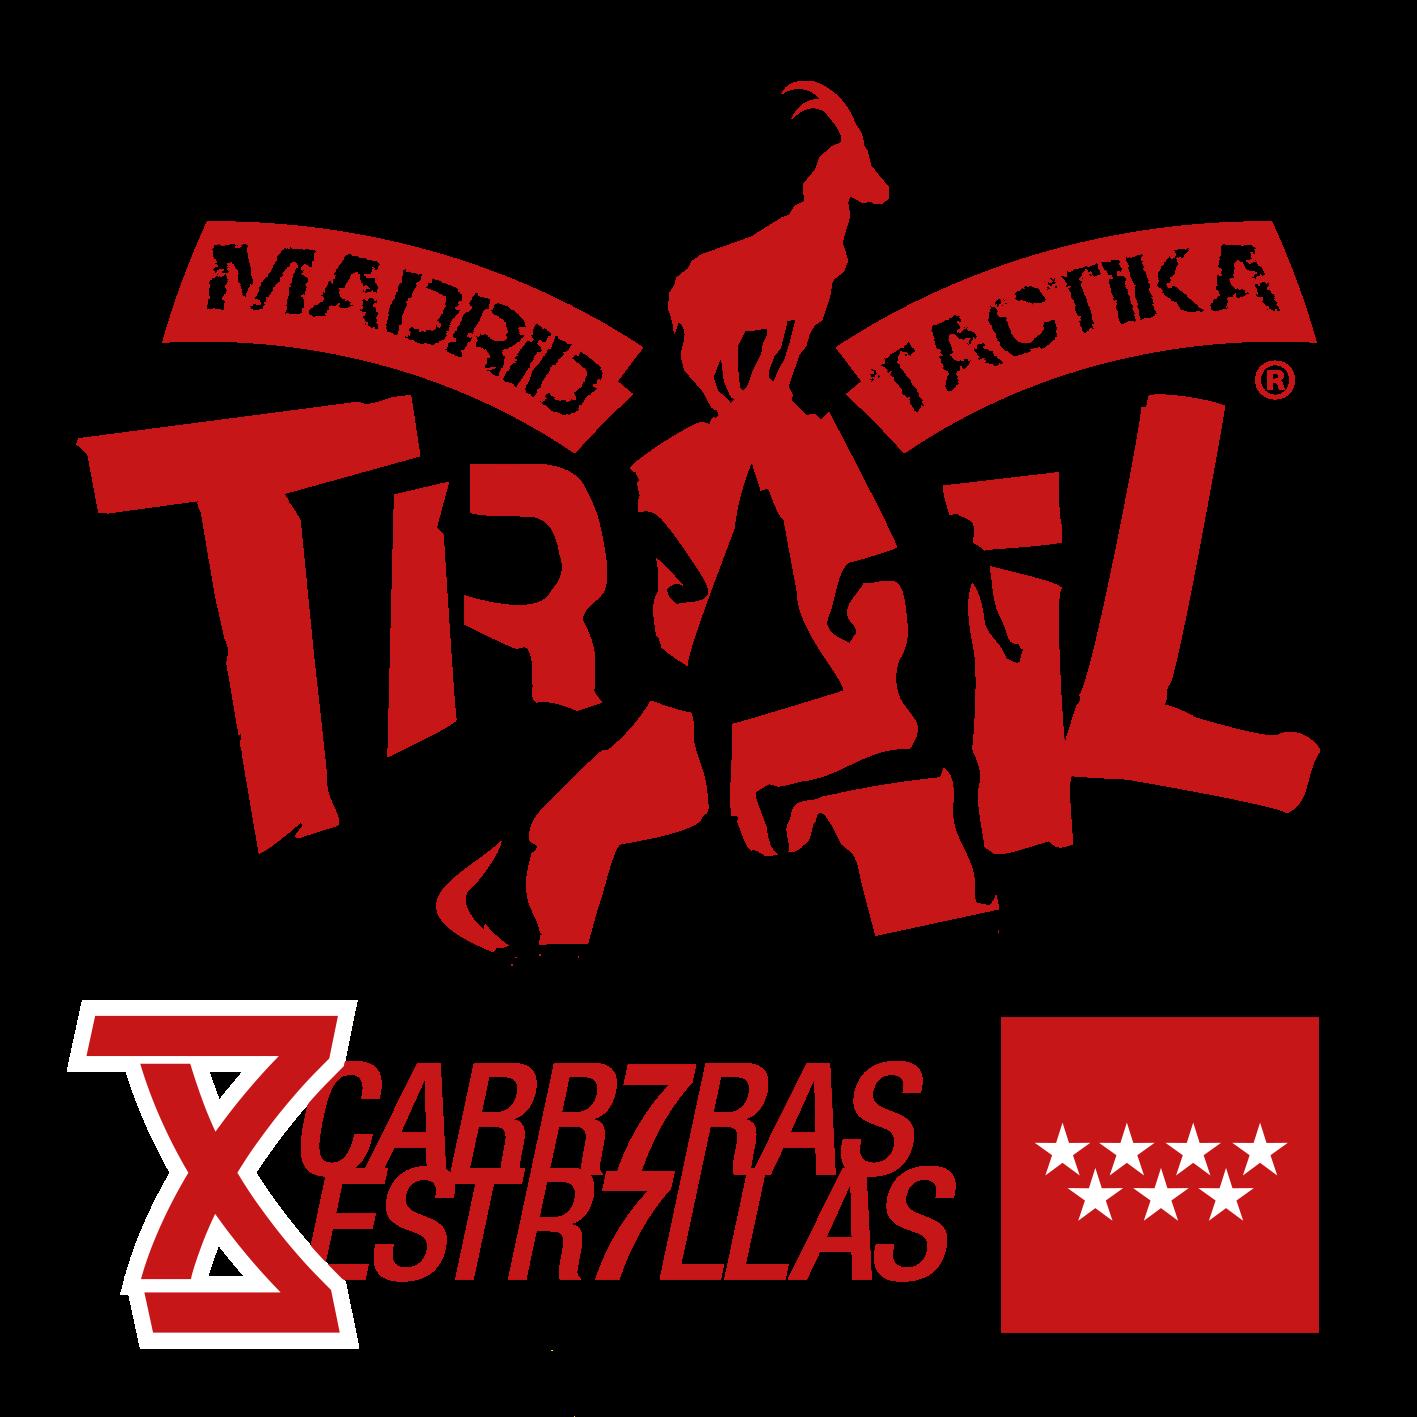 MADRID TACTIKA TRAIL